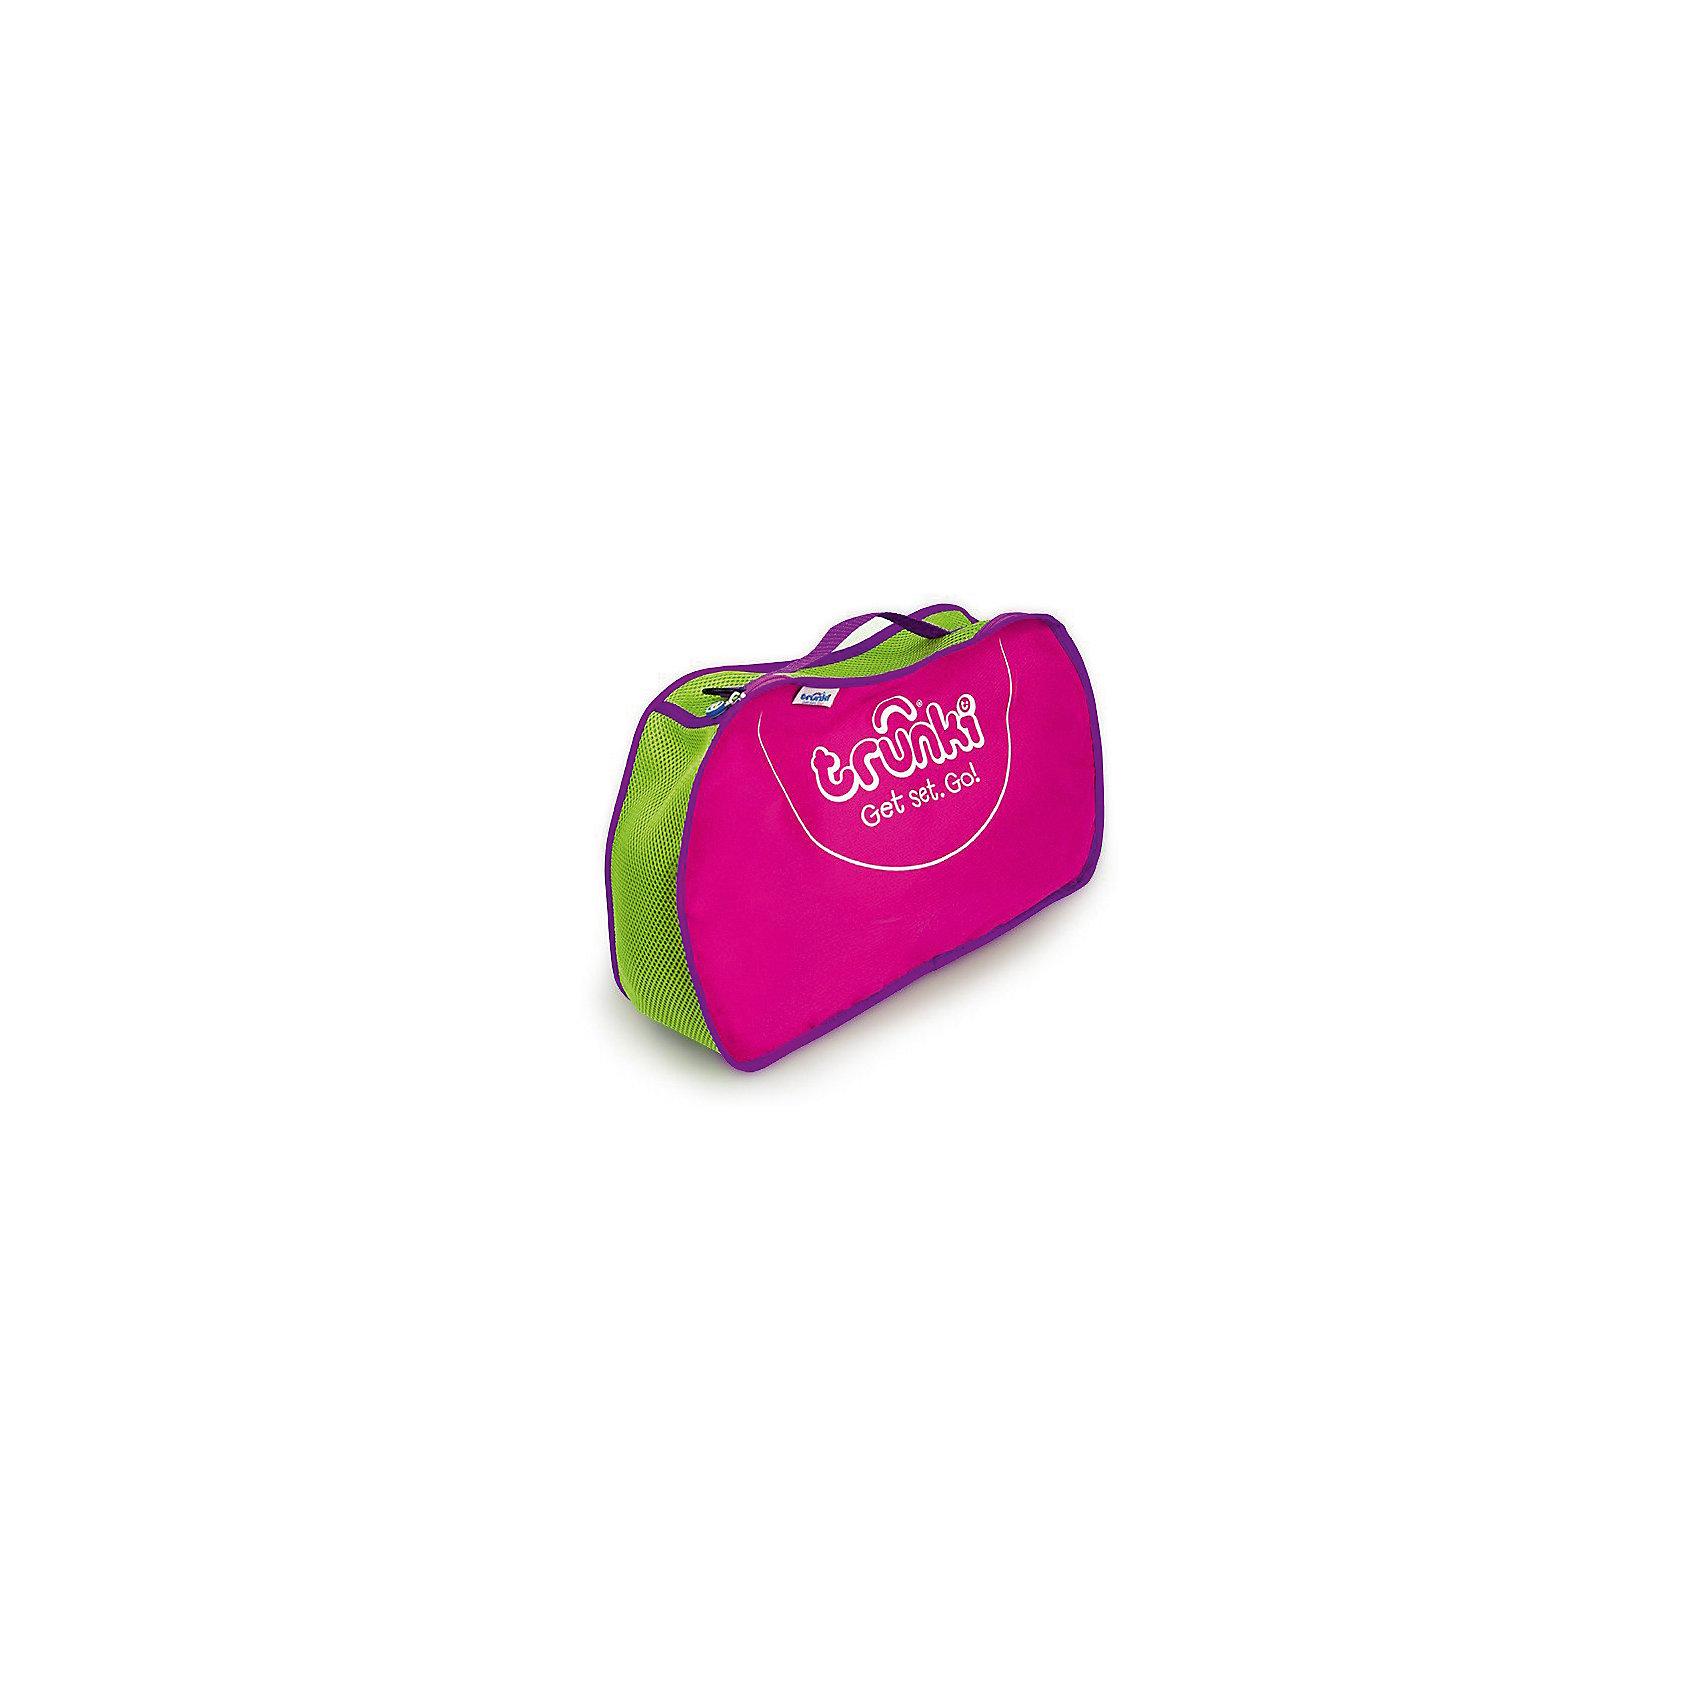 Сумка для хранения, розоваяДорожные сумки и чемоданы<br>Сумка для хранения Trunki – новый аксессуар для еще более комфортных путешествий с детьми. <br><br>Сумка для хранения отлично вмещается в одну из половинок чемоданов Trunki, позволяет аккуратно разместить вещи в чемодане, в нее можно сложить небольшие вещи и игрушки, чтобы они не затерялись среди других вещей в чемодане. Также сумку можно использовать отдельно, повесив на плечо при помощи длинного ремешка-ручки, которая входит в комплект каждого чемодана Trunki. <br><br>Боковые части сумки выполнены из прочной ткани розового цвета. По центру зеленая ткань с перфорацией для вентиляции вещей. Сумка застегивается на молнию, имеется фиолетовая ручка с двумя петлями по бокам для крепления длинного ремешка (входит в комплект чемоданов Trunki).<br><br>Ширина мм: 420<br>Глубина мм: 90<br>Высота мм: 270<br>Вес г: 300<br>Возраст от месяцев: 24<br>Возраст до месяцев: 2147483647<br>Пол: Унисекс<br>Возраст: Детский<br>SKU: 5509351